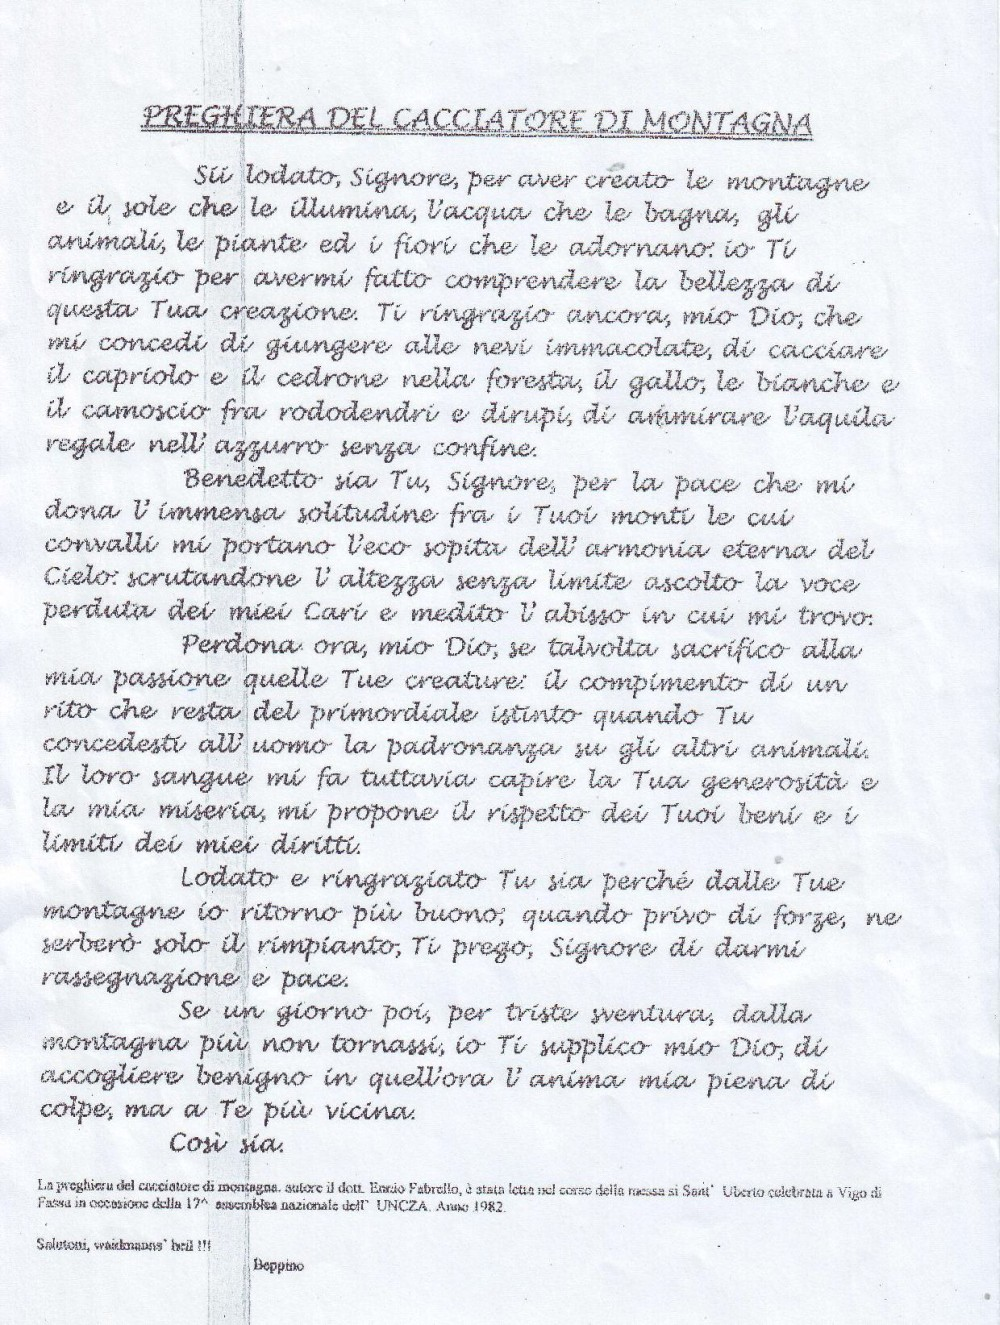 Preghiera del cacciatore, pagina 1